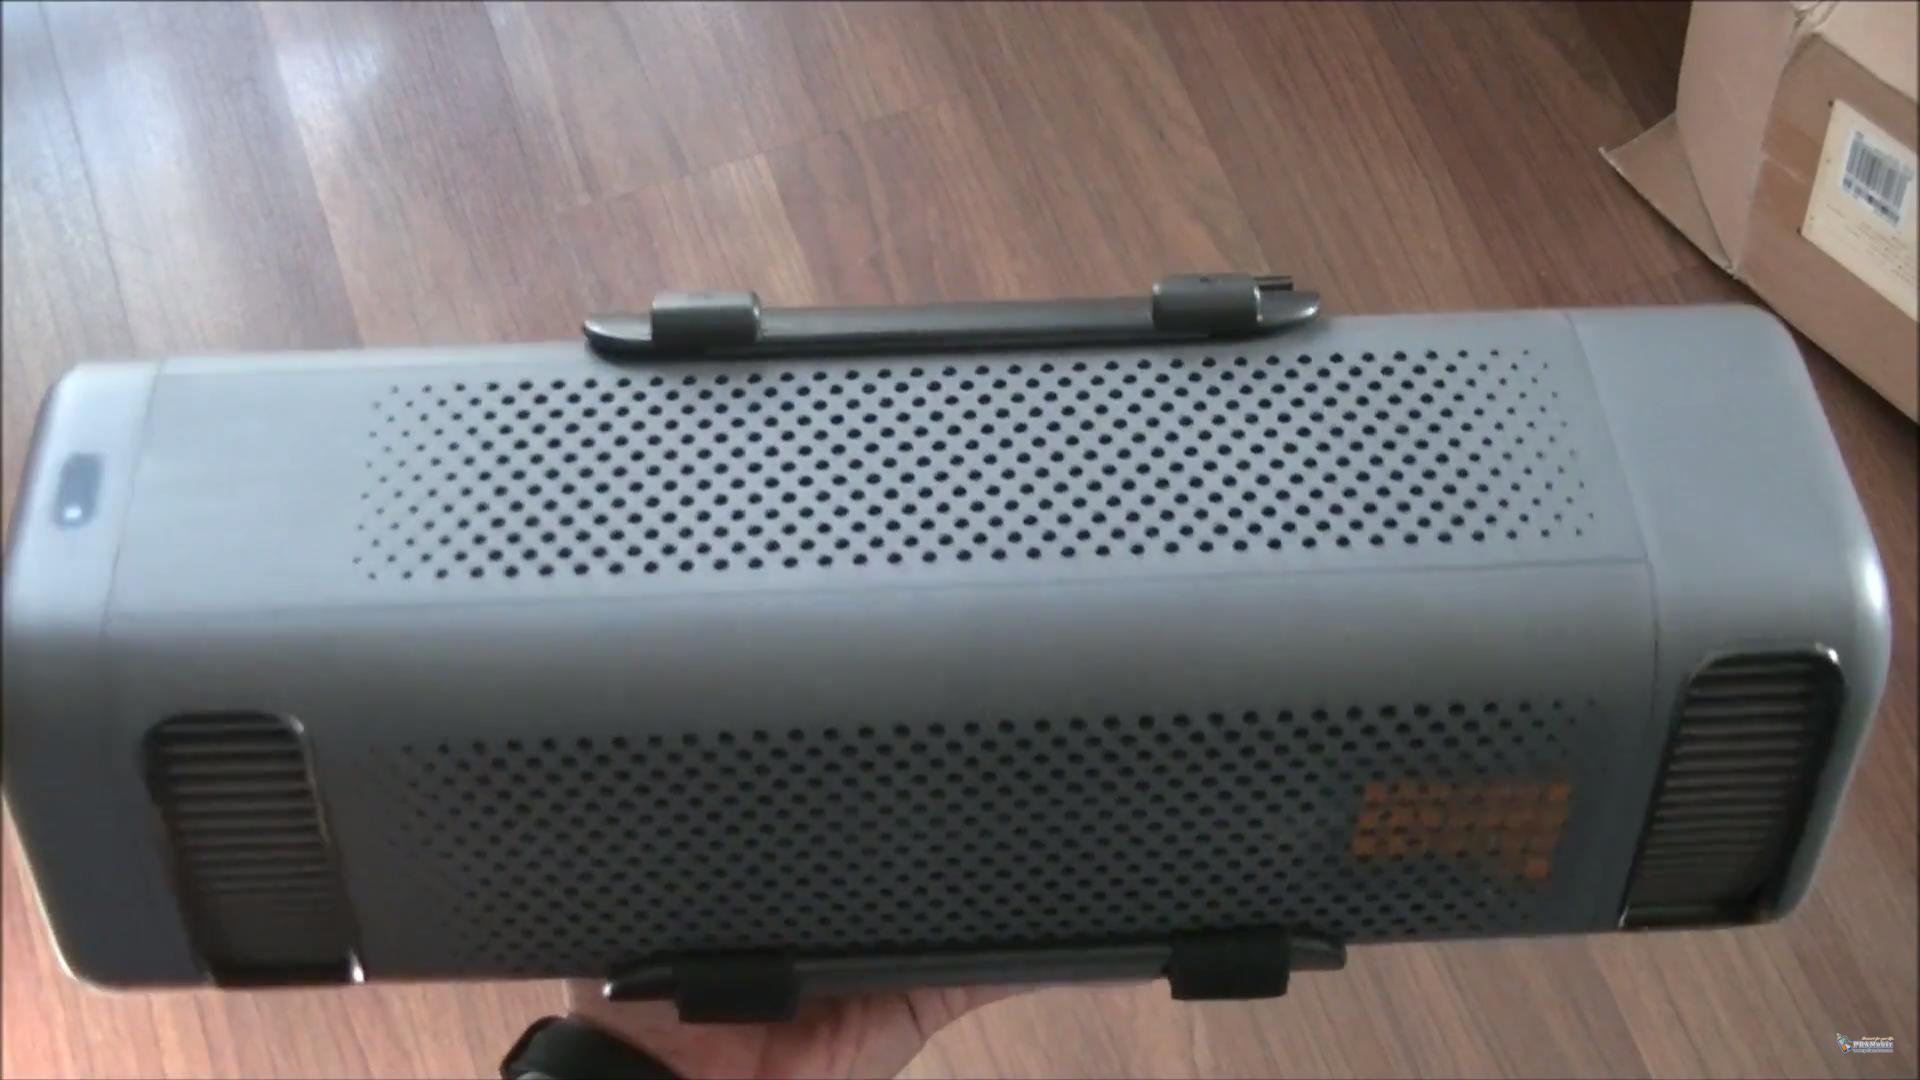 Car Air Purifier : แกะกล่อง และรีวิวการใช้งาน xiaomi mi car air purifier